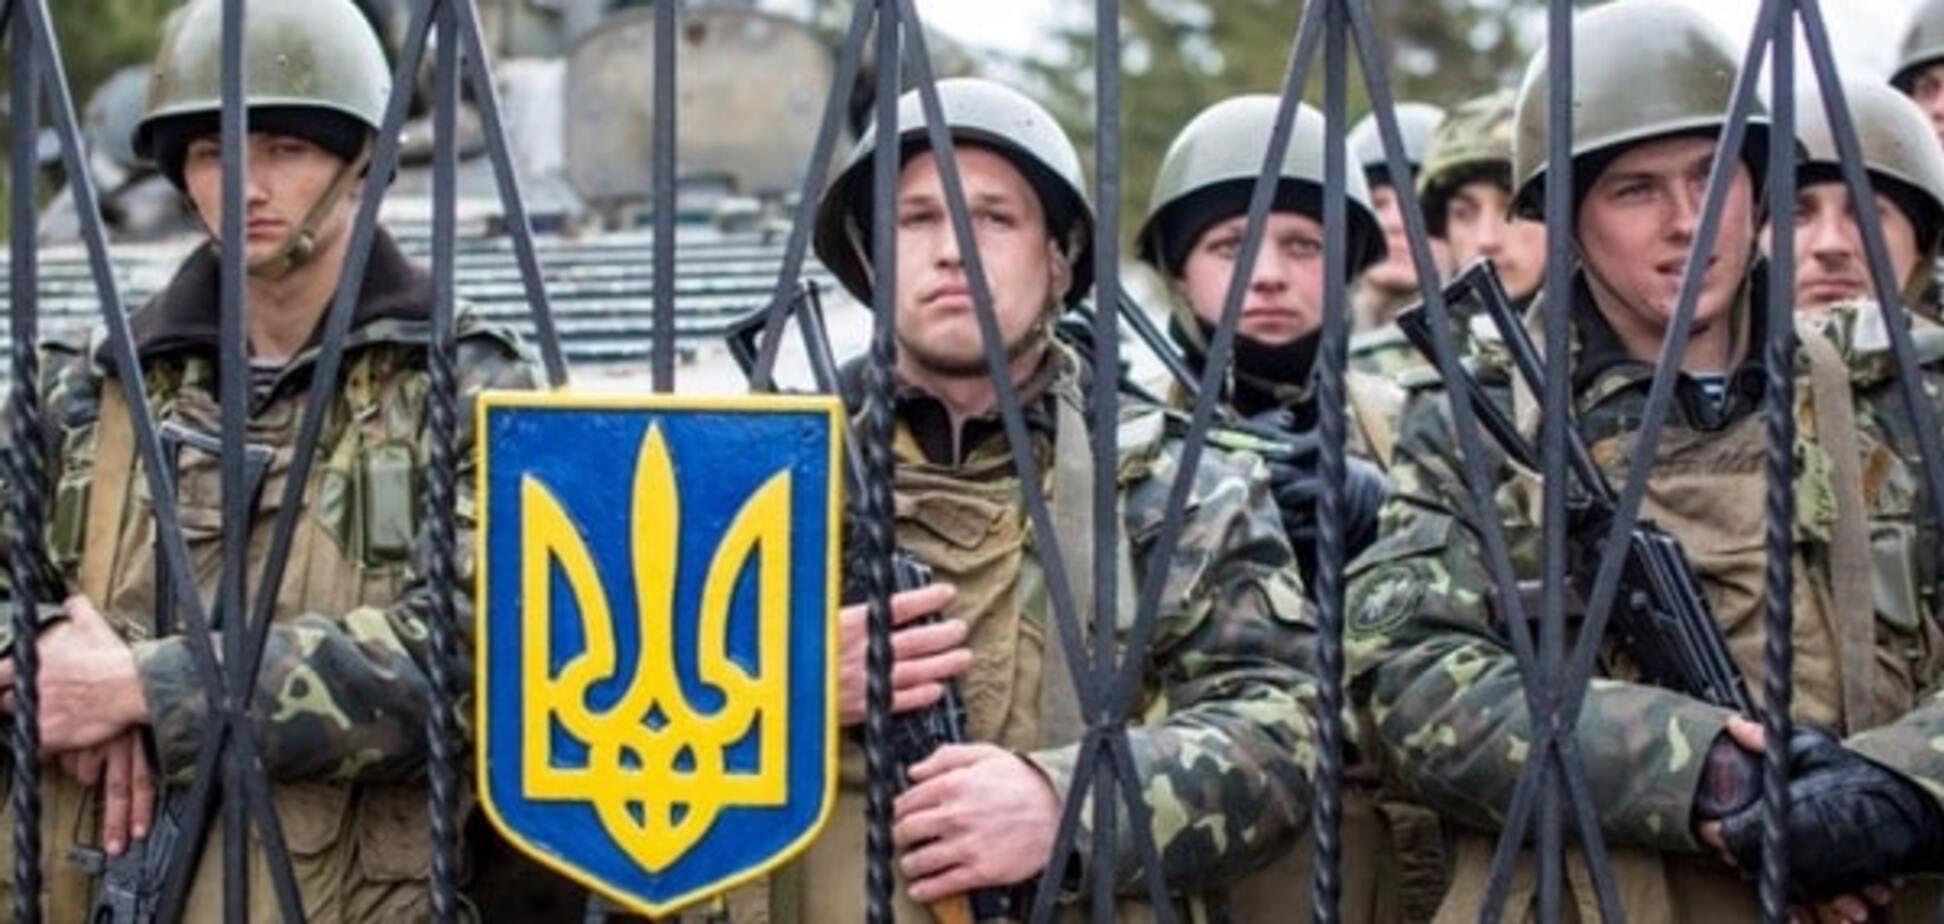 Напередодні російської агресії Янукович влаштував масовий розпродаж зброї з армії